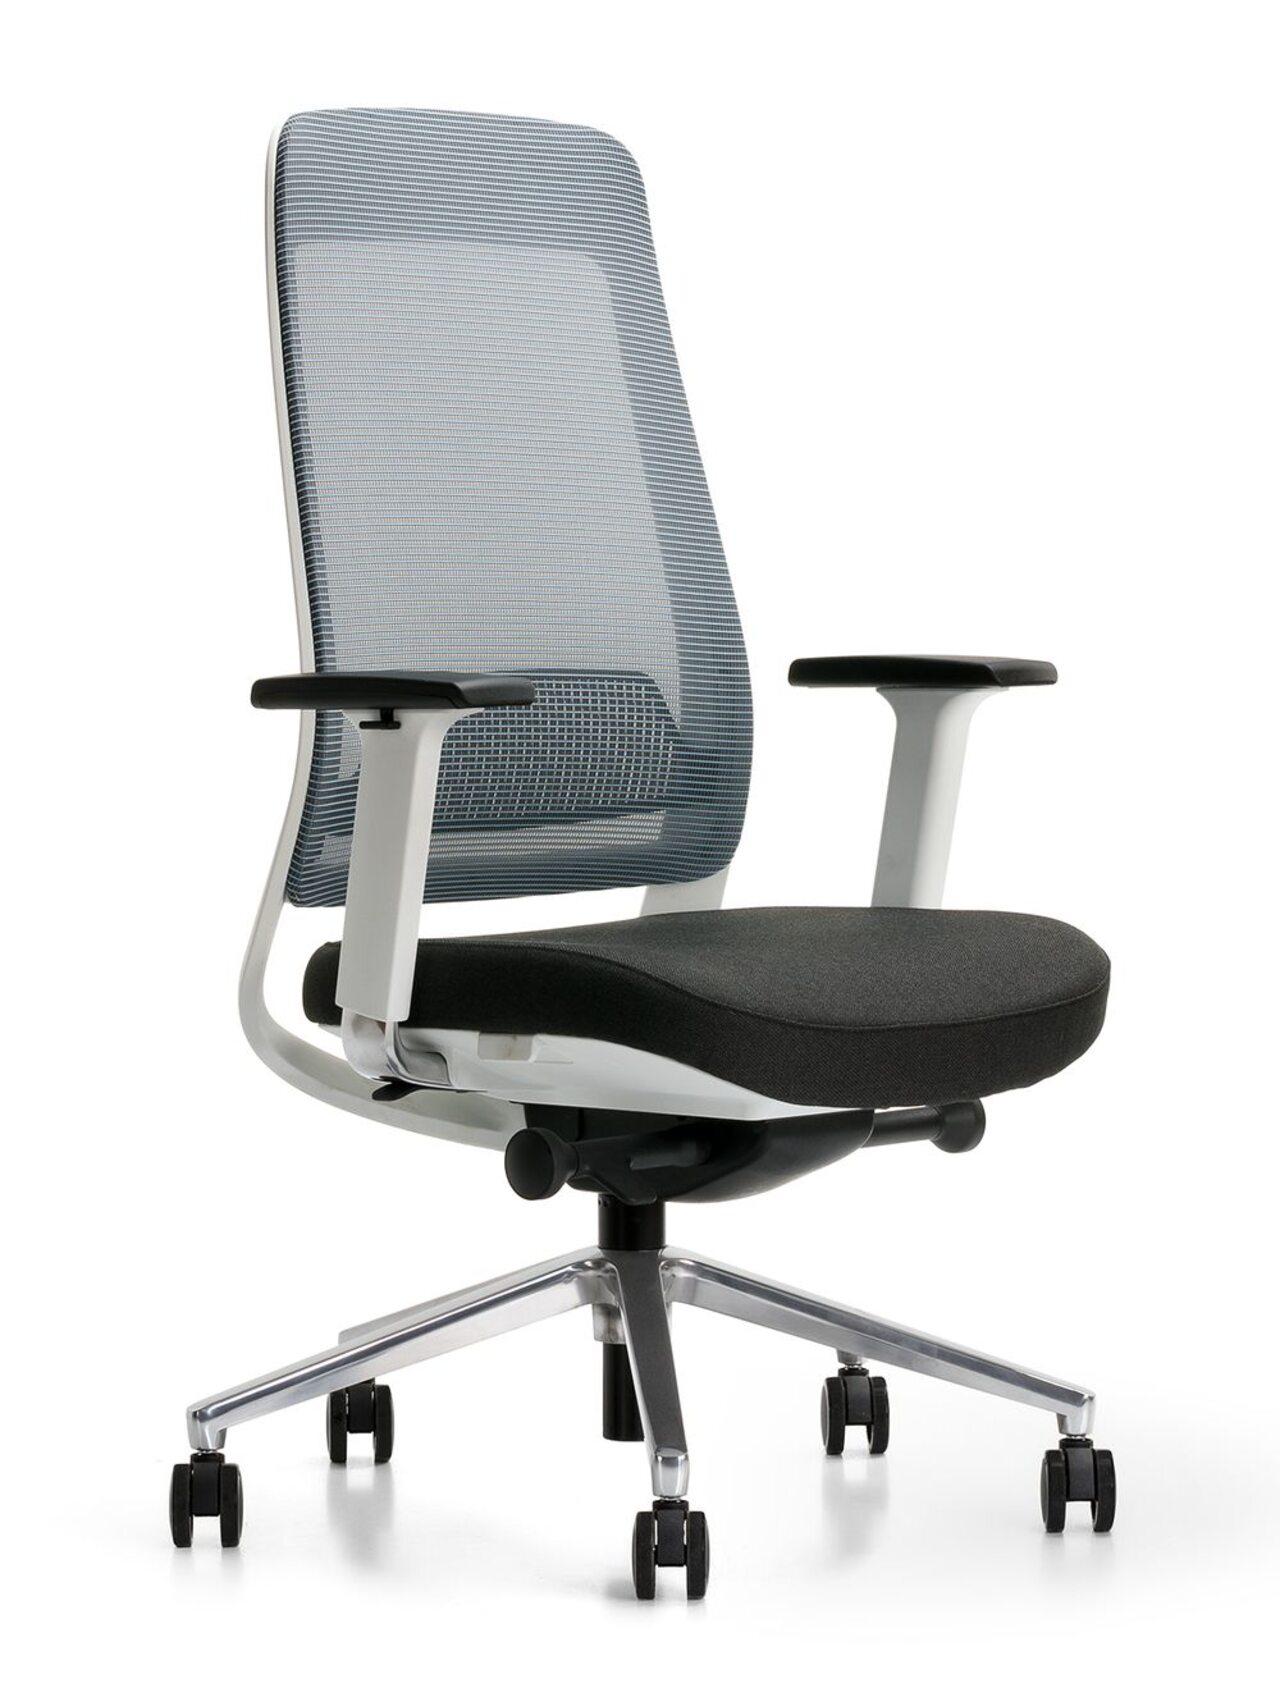 Кресло для персонала Фальконе - фото 1